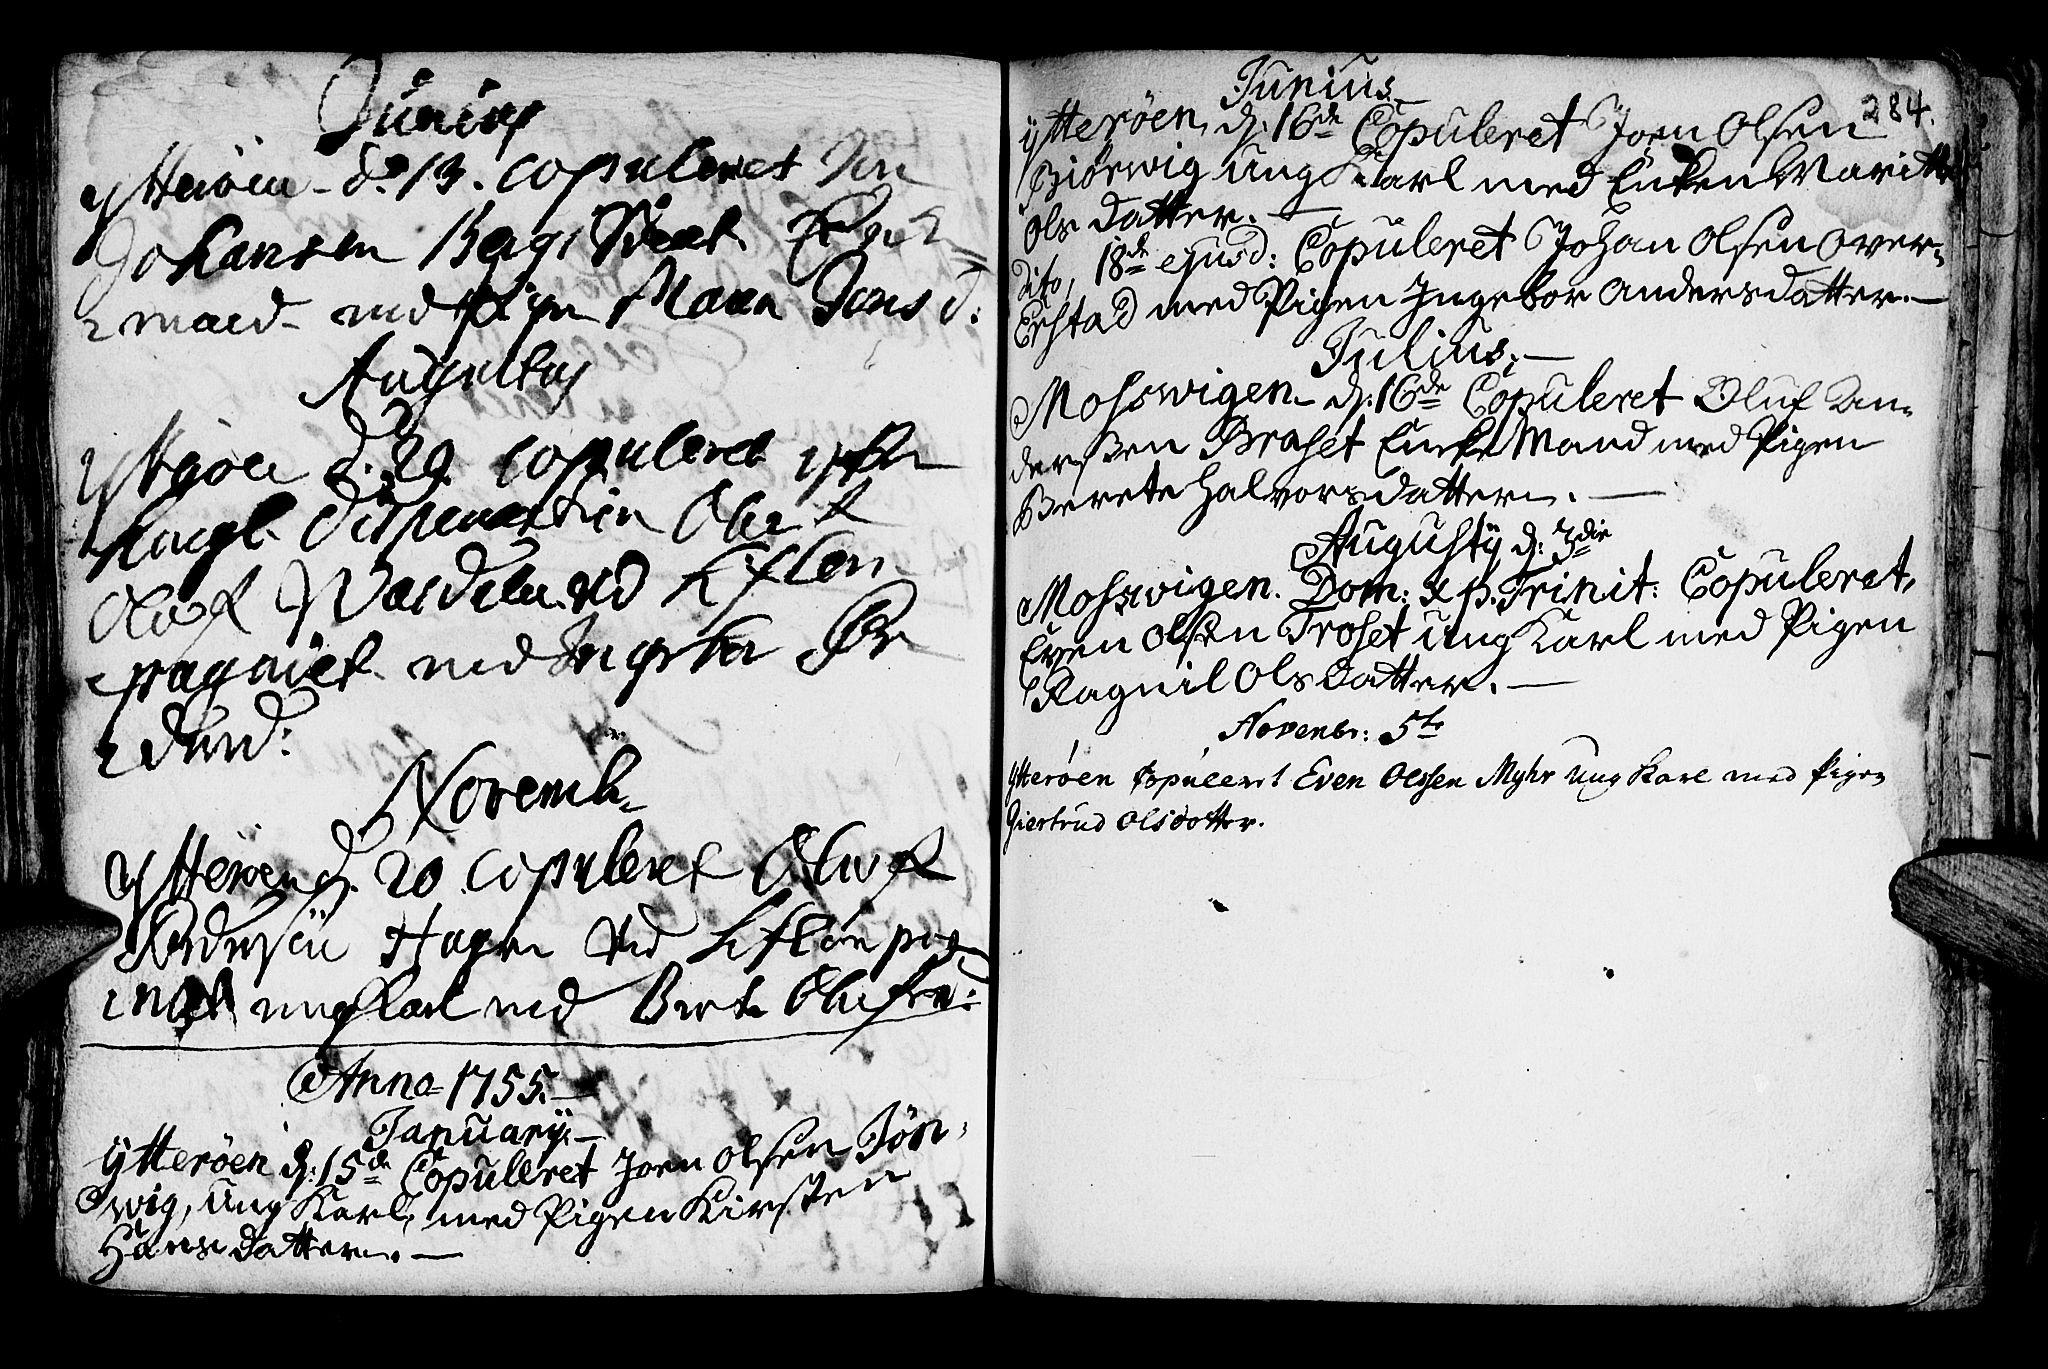 SAT, Ministerialprotokoller, klokkerbøker og fødselsregistre - Nord-Trøndelag, 722/L0215: Ministerialbok nr. 722A02, 1718-1755, s. 284